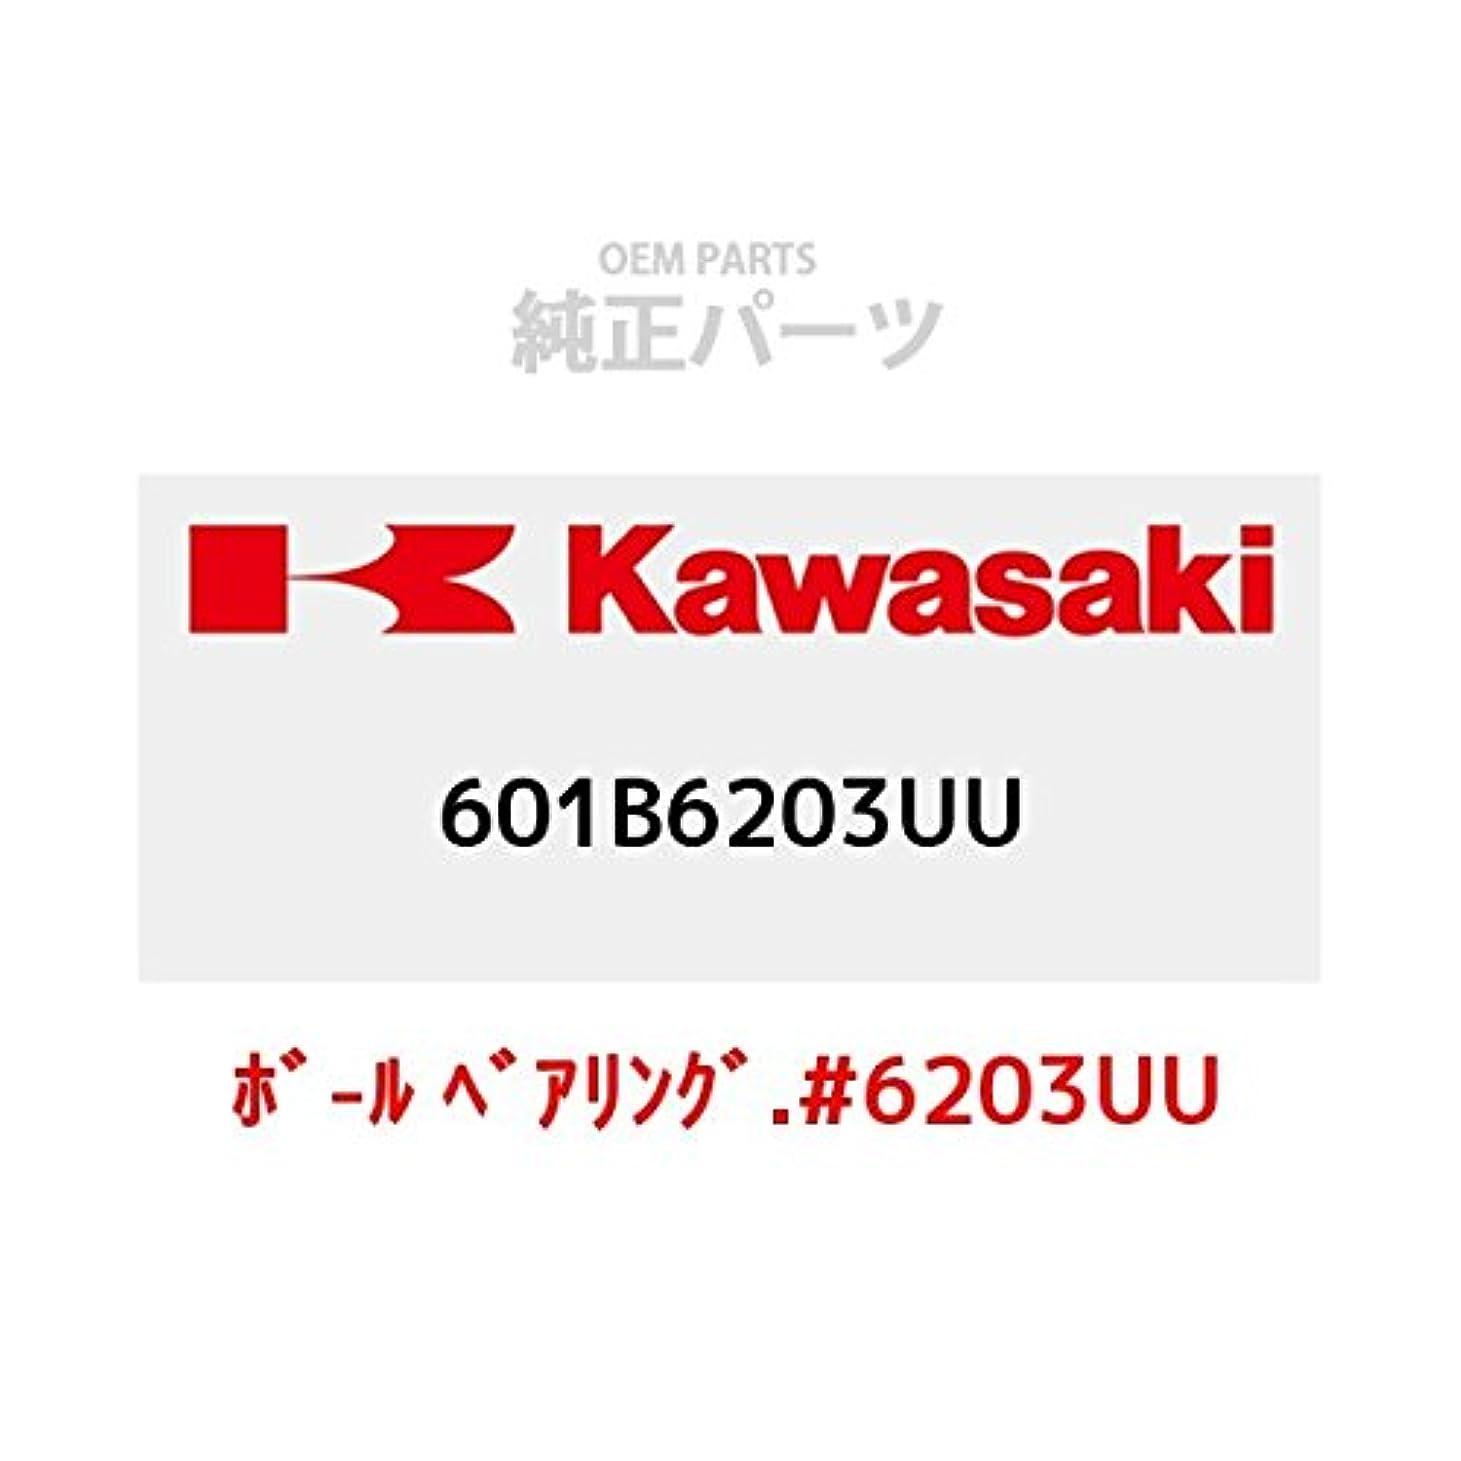 アナロジームスタチオ世界記録のギネスブックKAWASAKI (カワサキ) 純正部品(OEM) ボ-ル ベアリング.#6203UUC3 601B6203UU